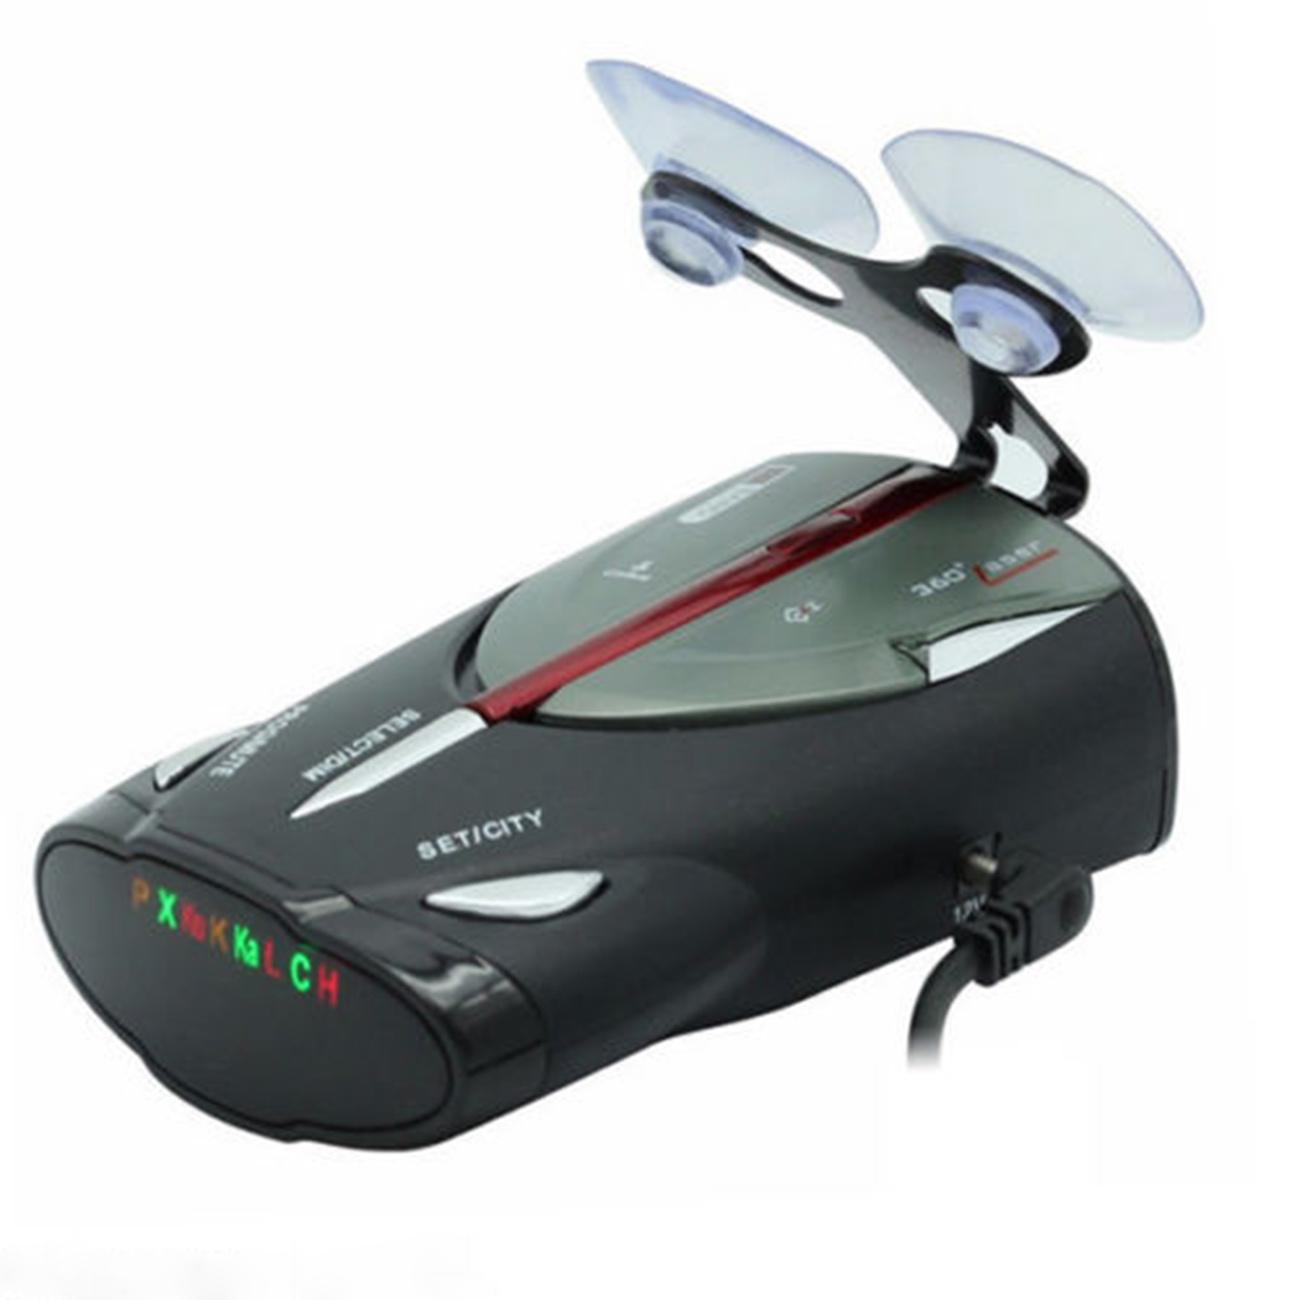 voiture 360 degr 16 band gps vitesse police d tecteur radar laser alerte vocale ebay. Black Bedroom Furniture Sets. Home Design Ideas